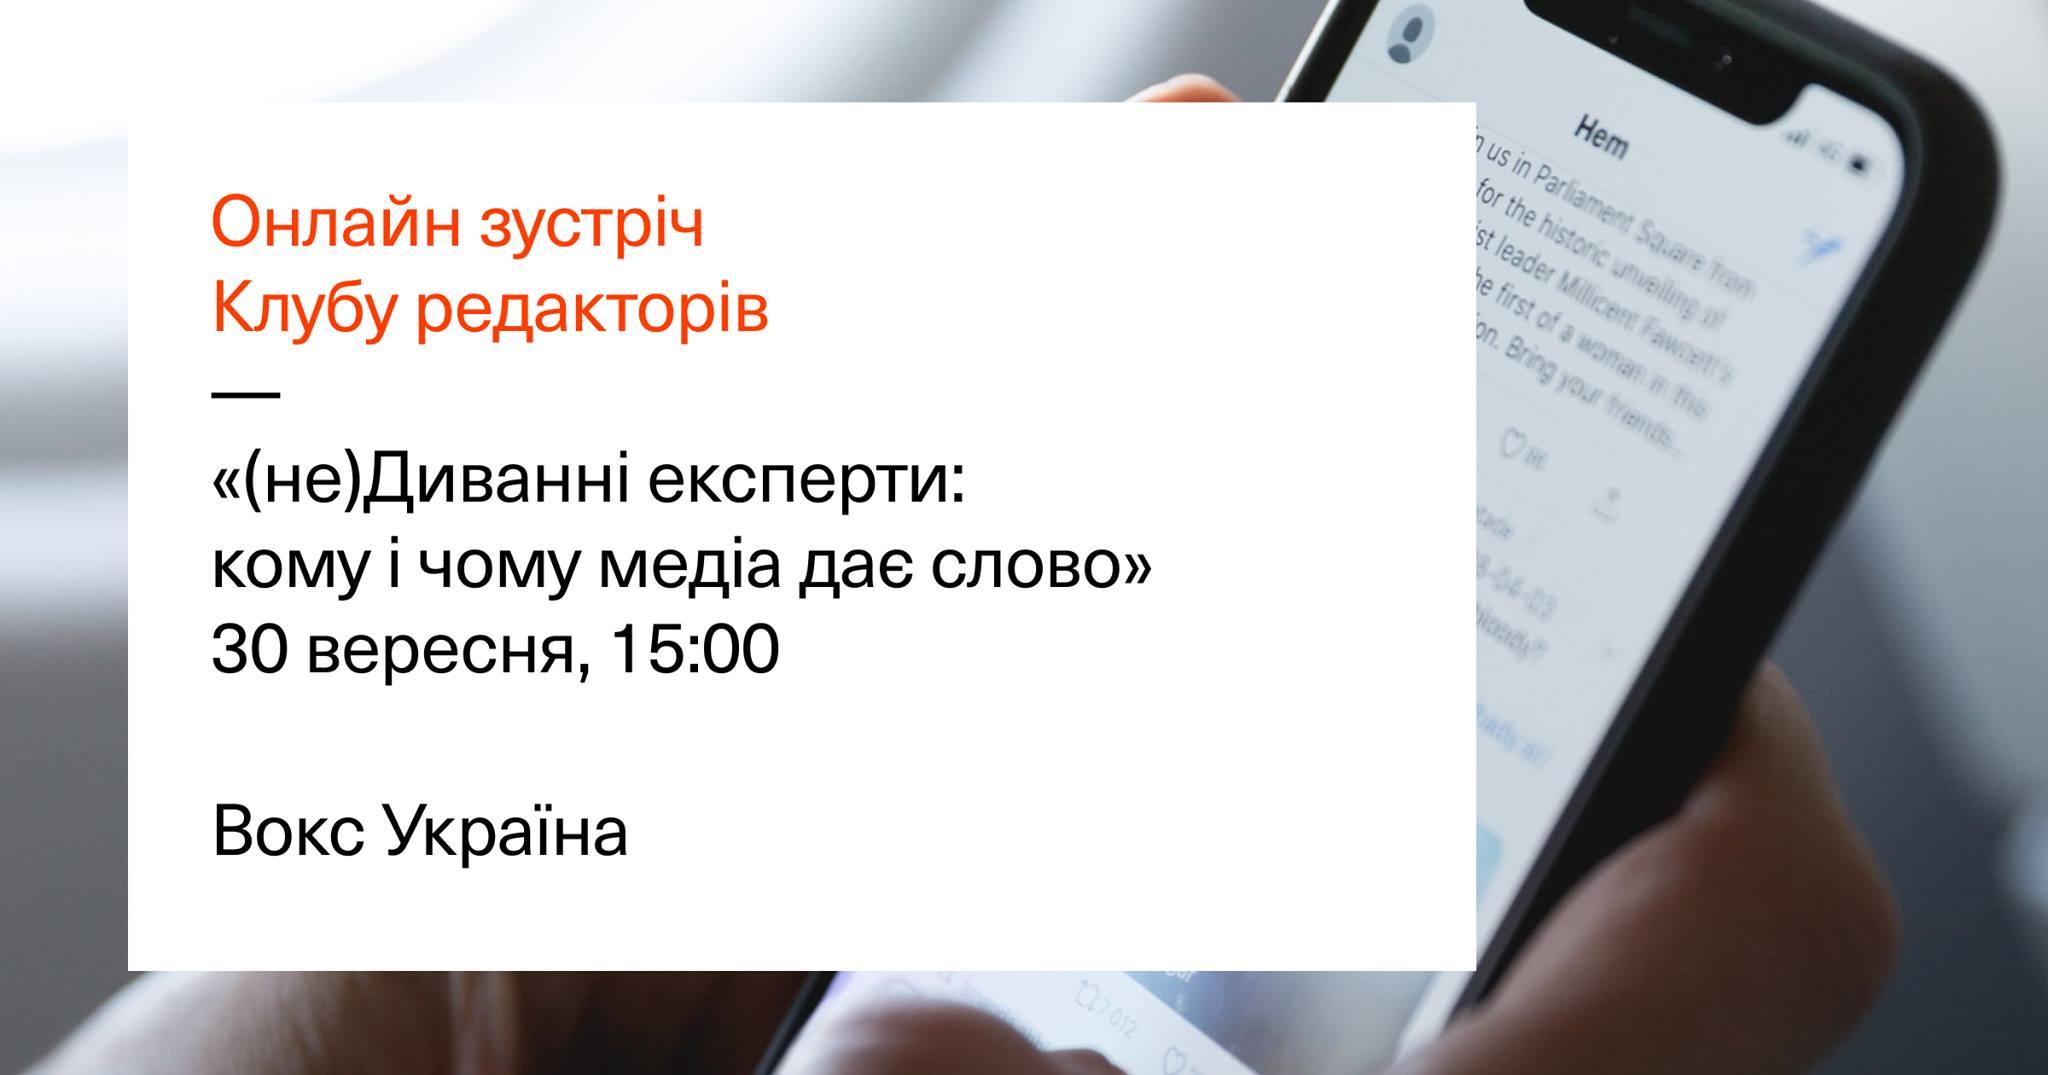 Зустріч Клубу редакторів «Вокс Україна»